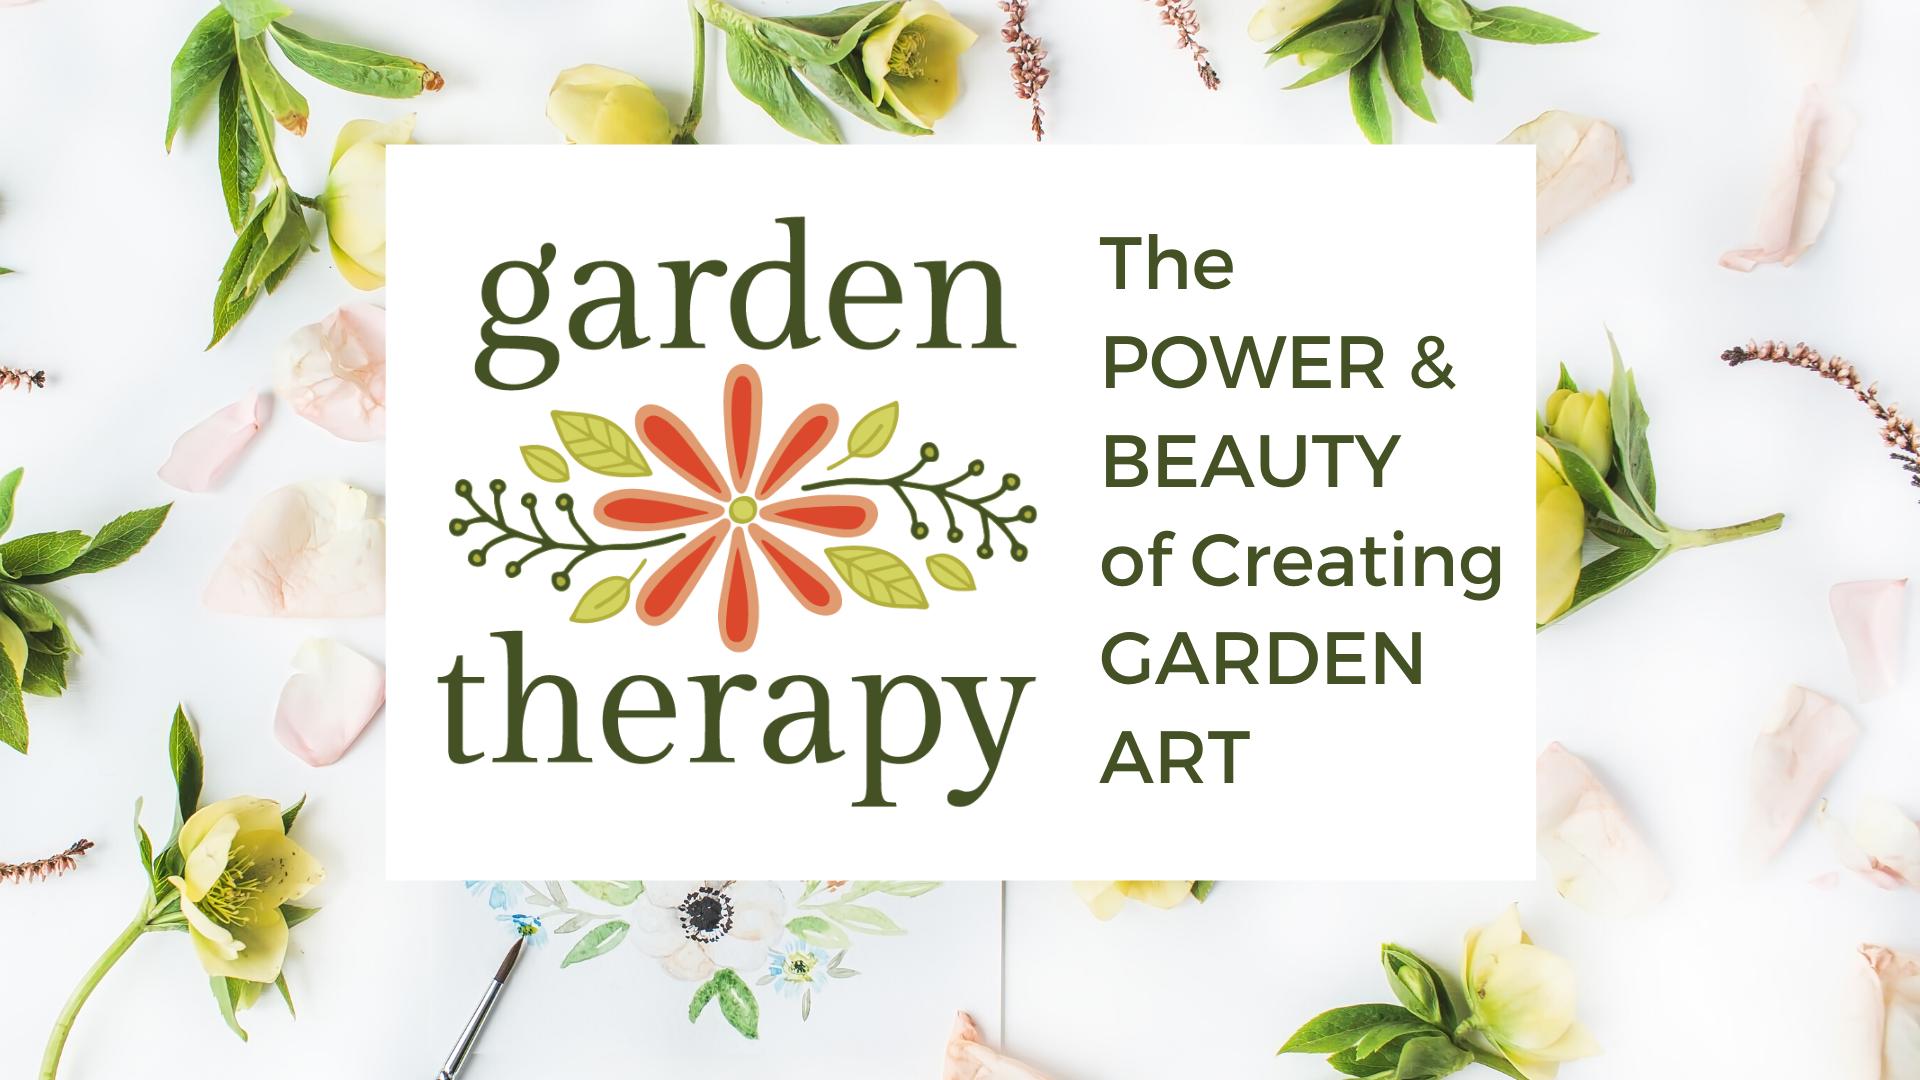 Creative Garden Art